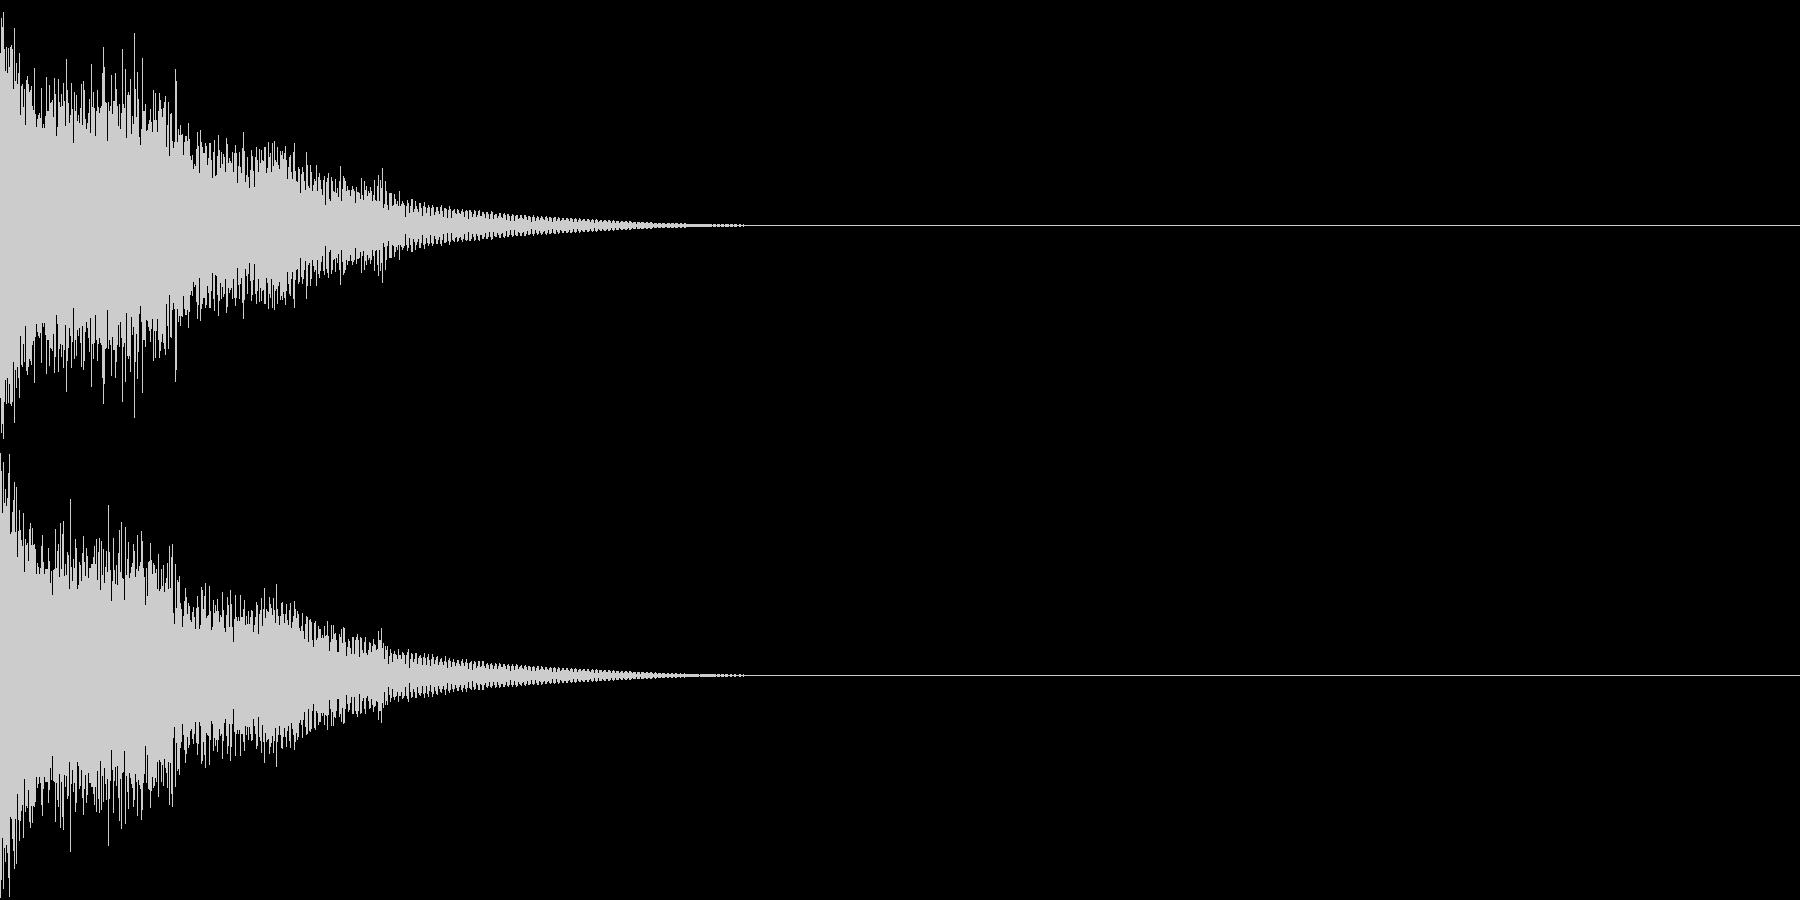 爆発 ヒューン ドーン 衝撃 バーンの未再生の波形